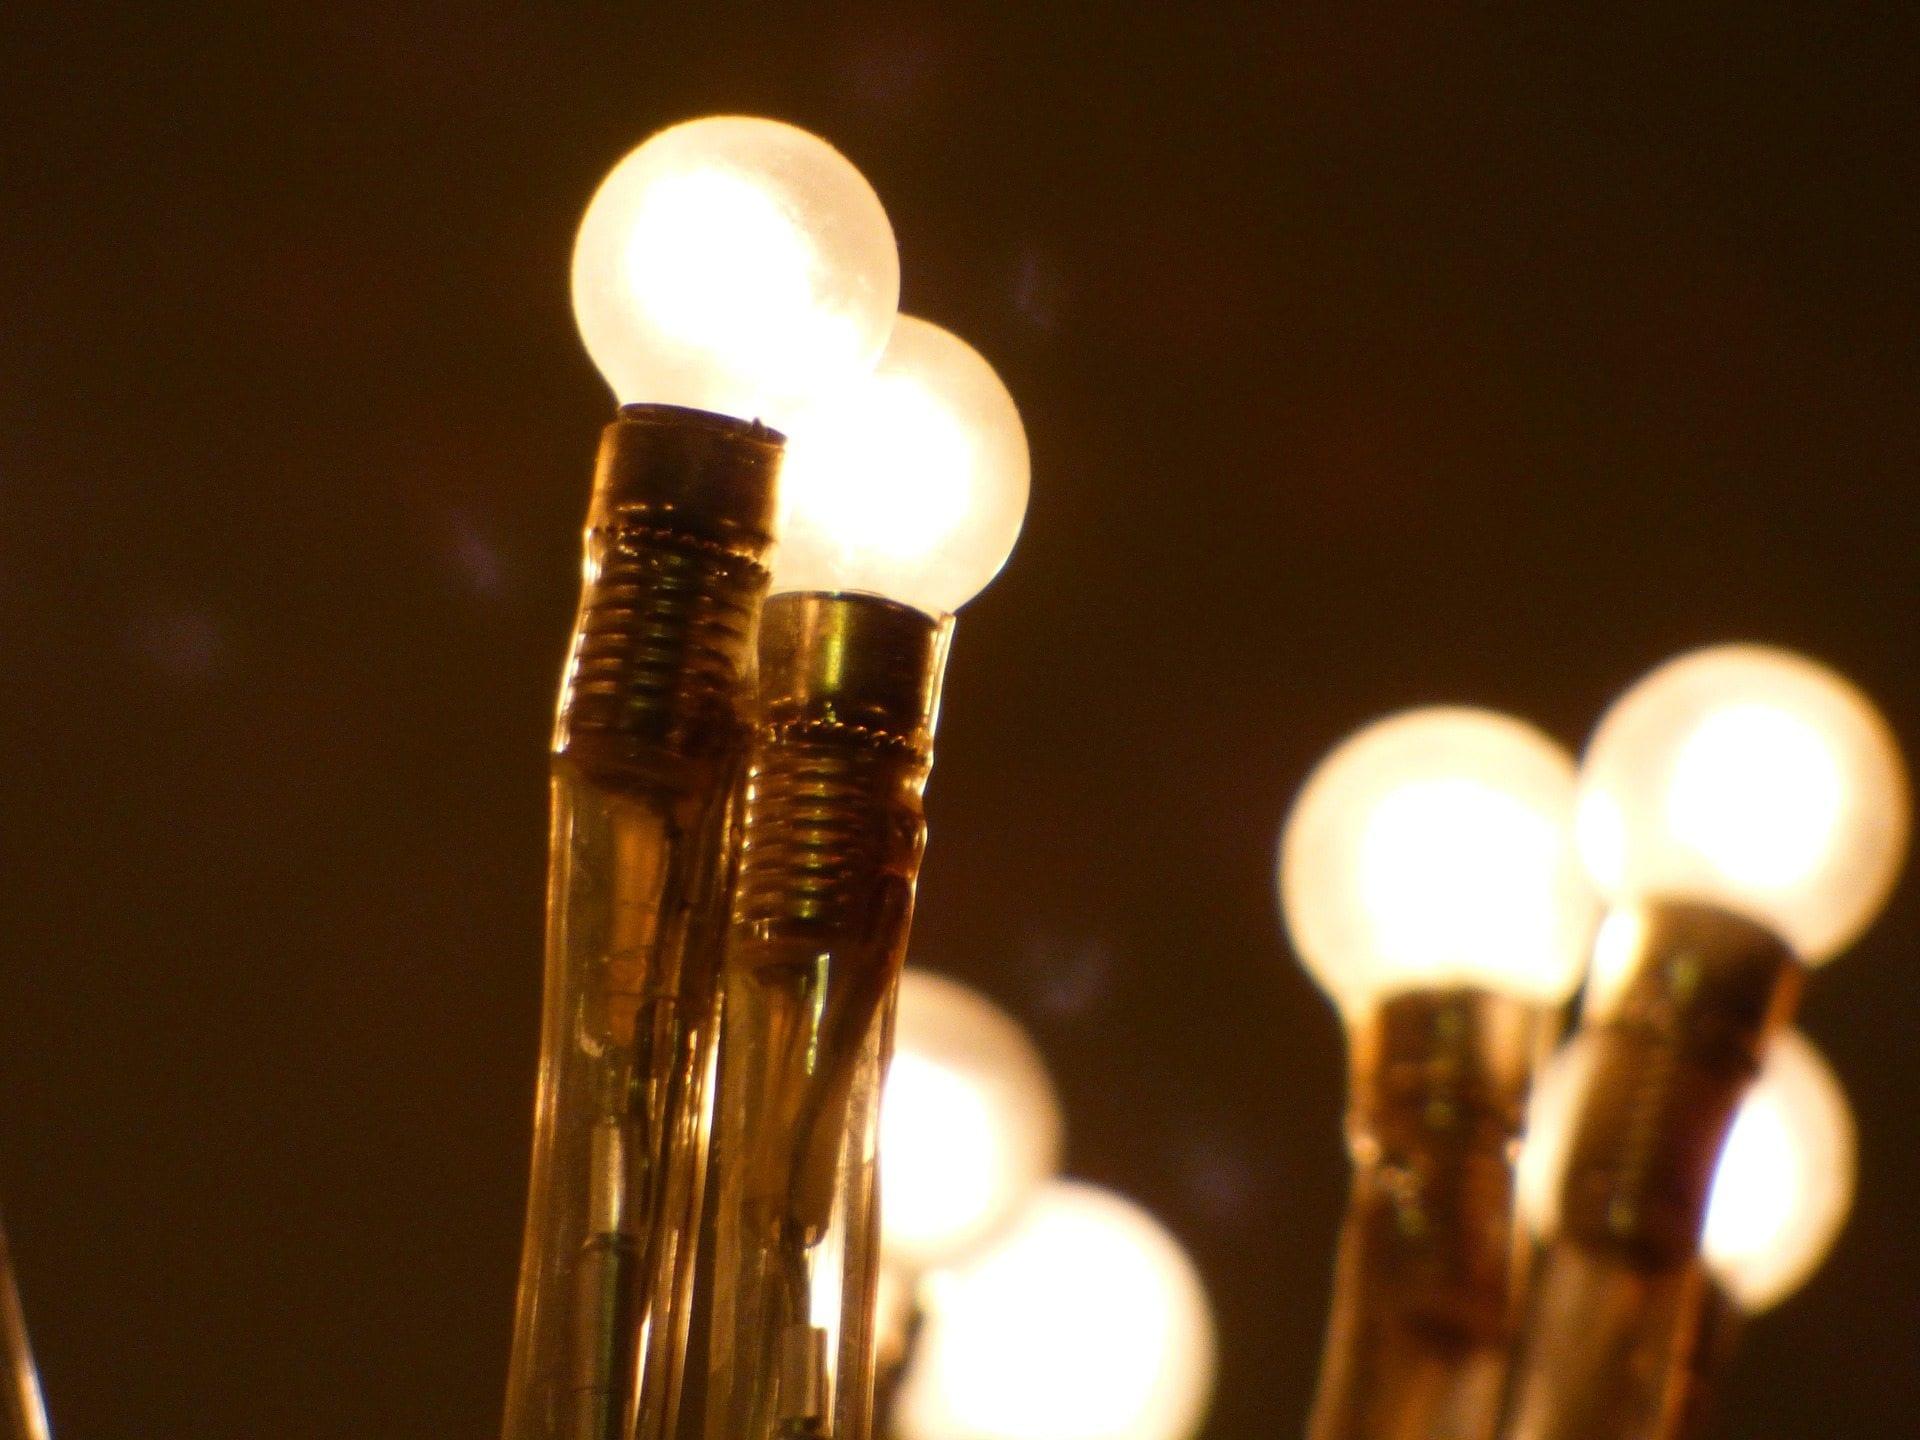 light-bulb-231487_1920